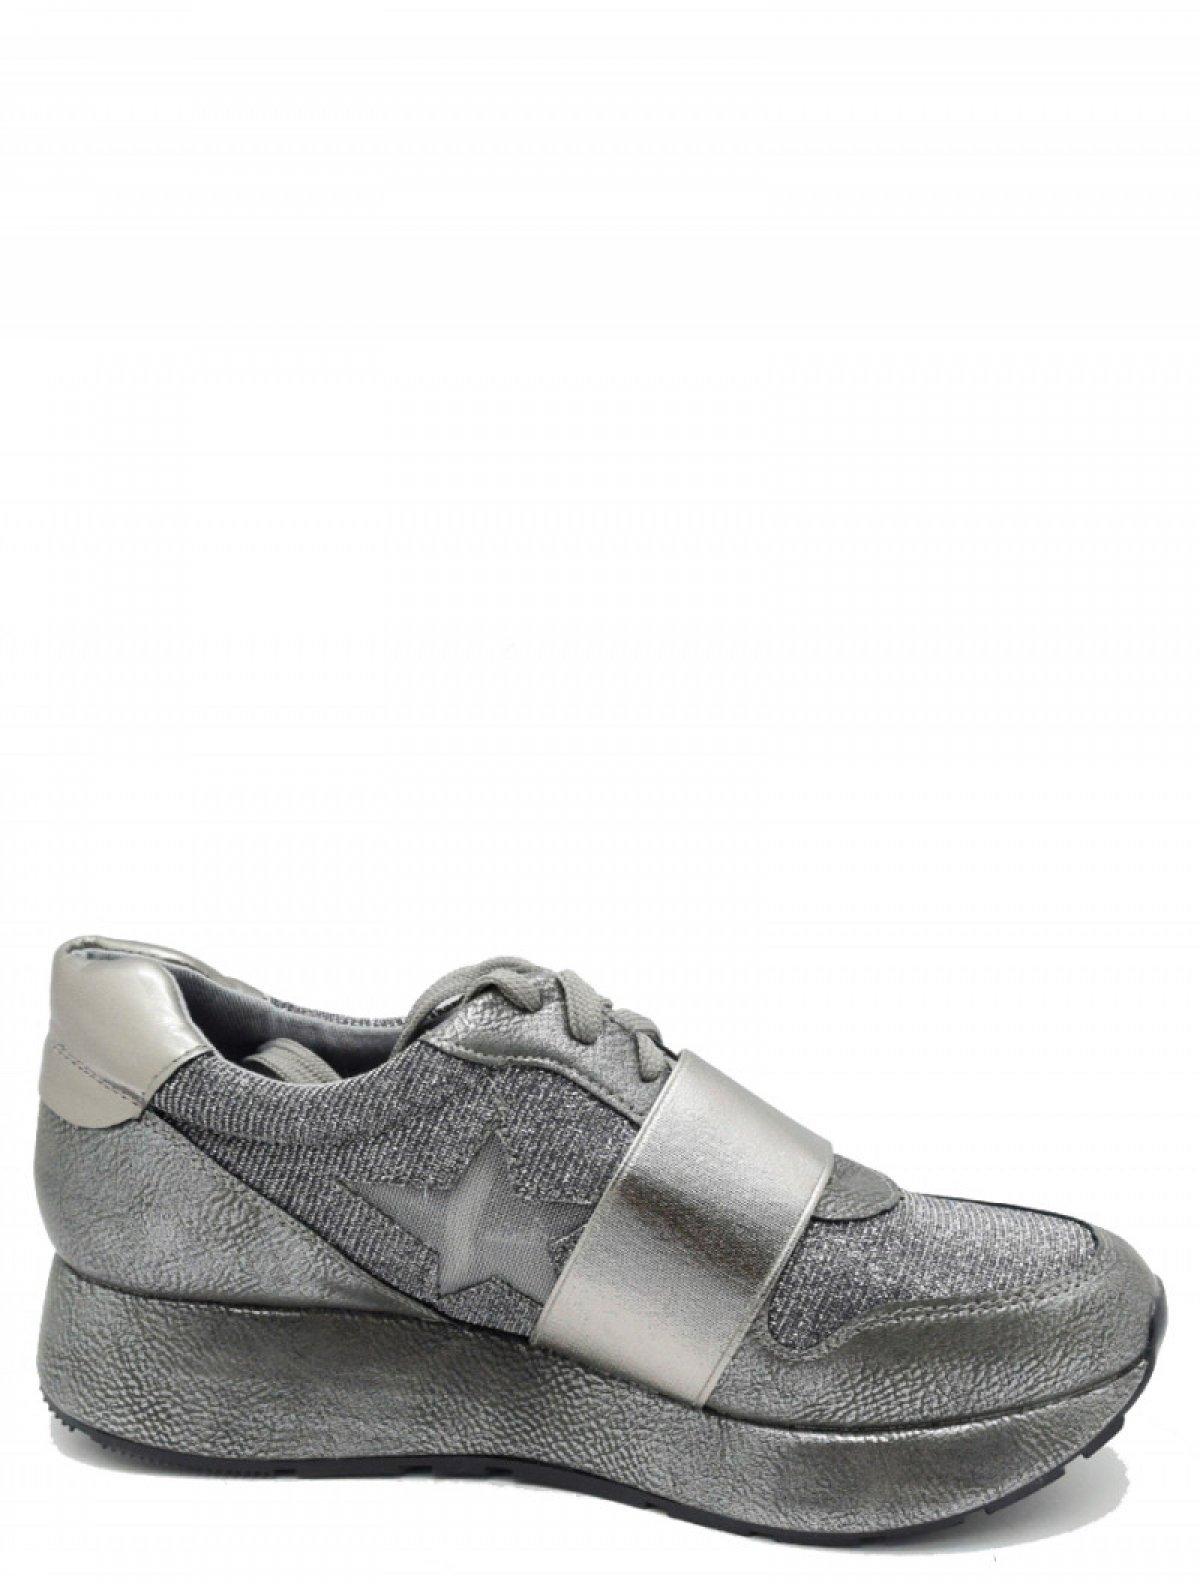 Admlis J278-7 женские кроссовки